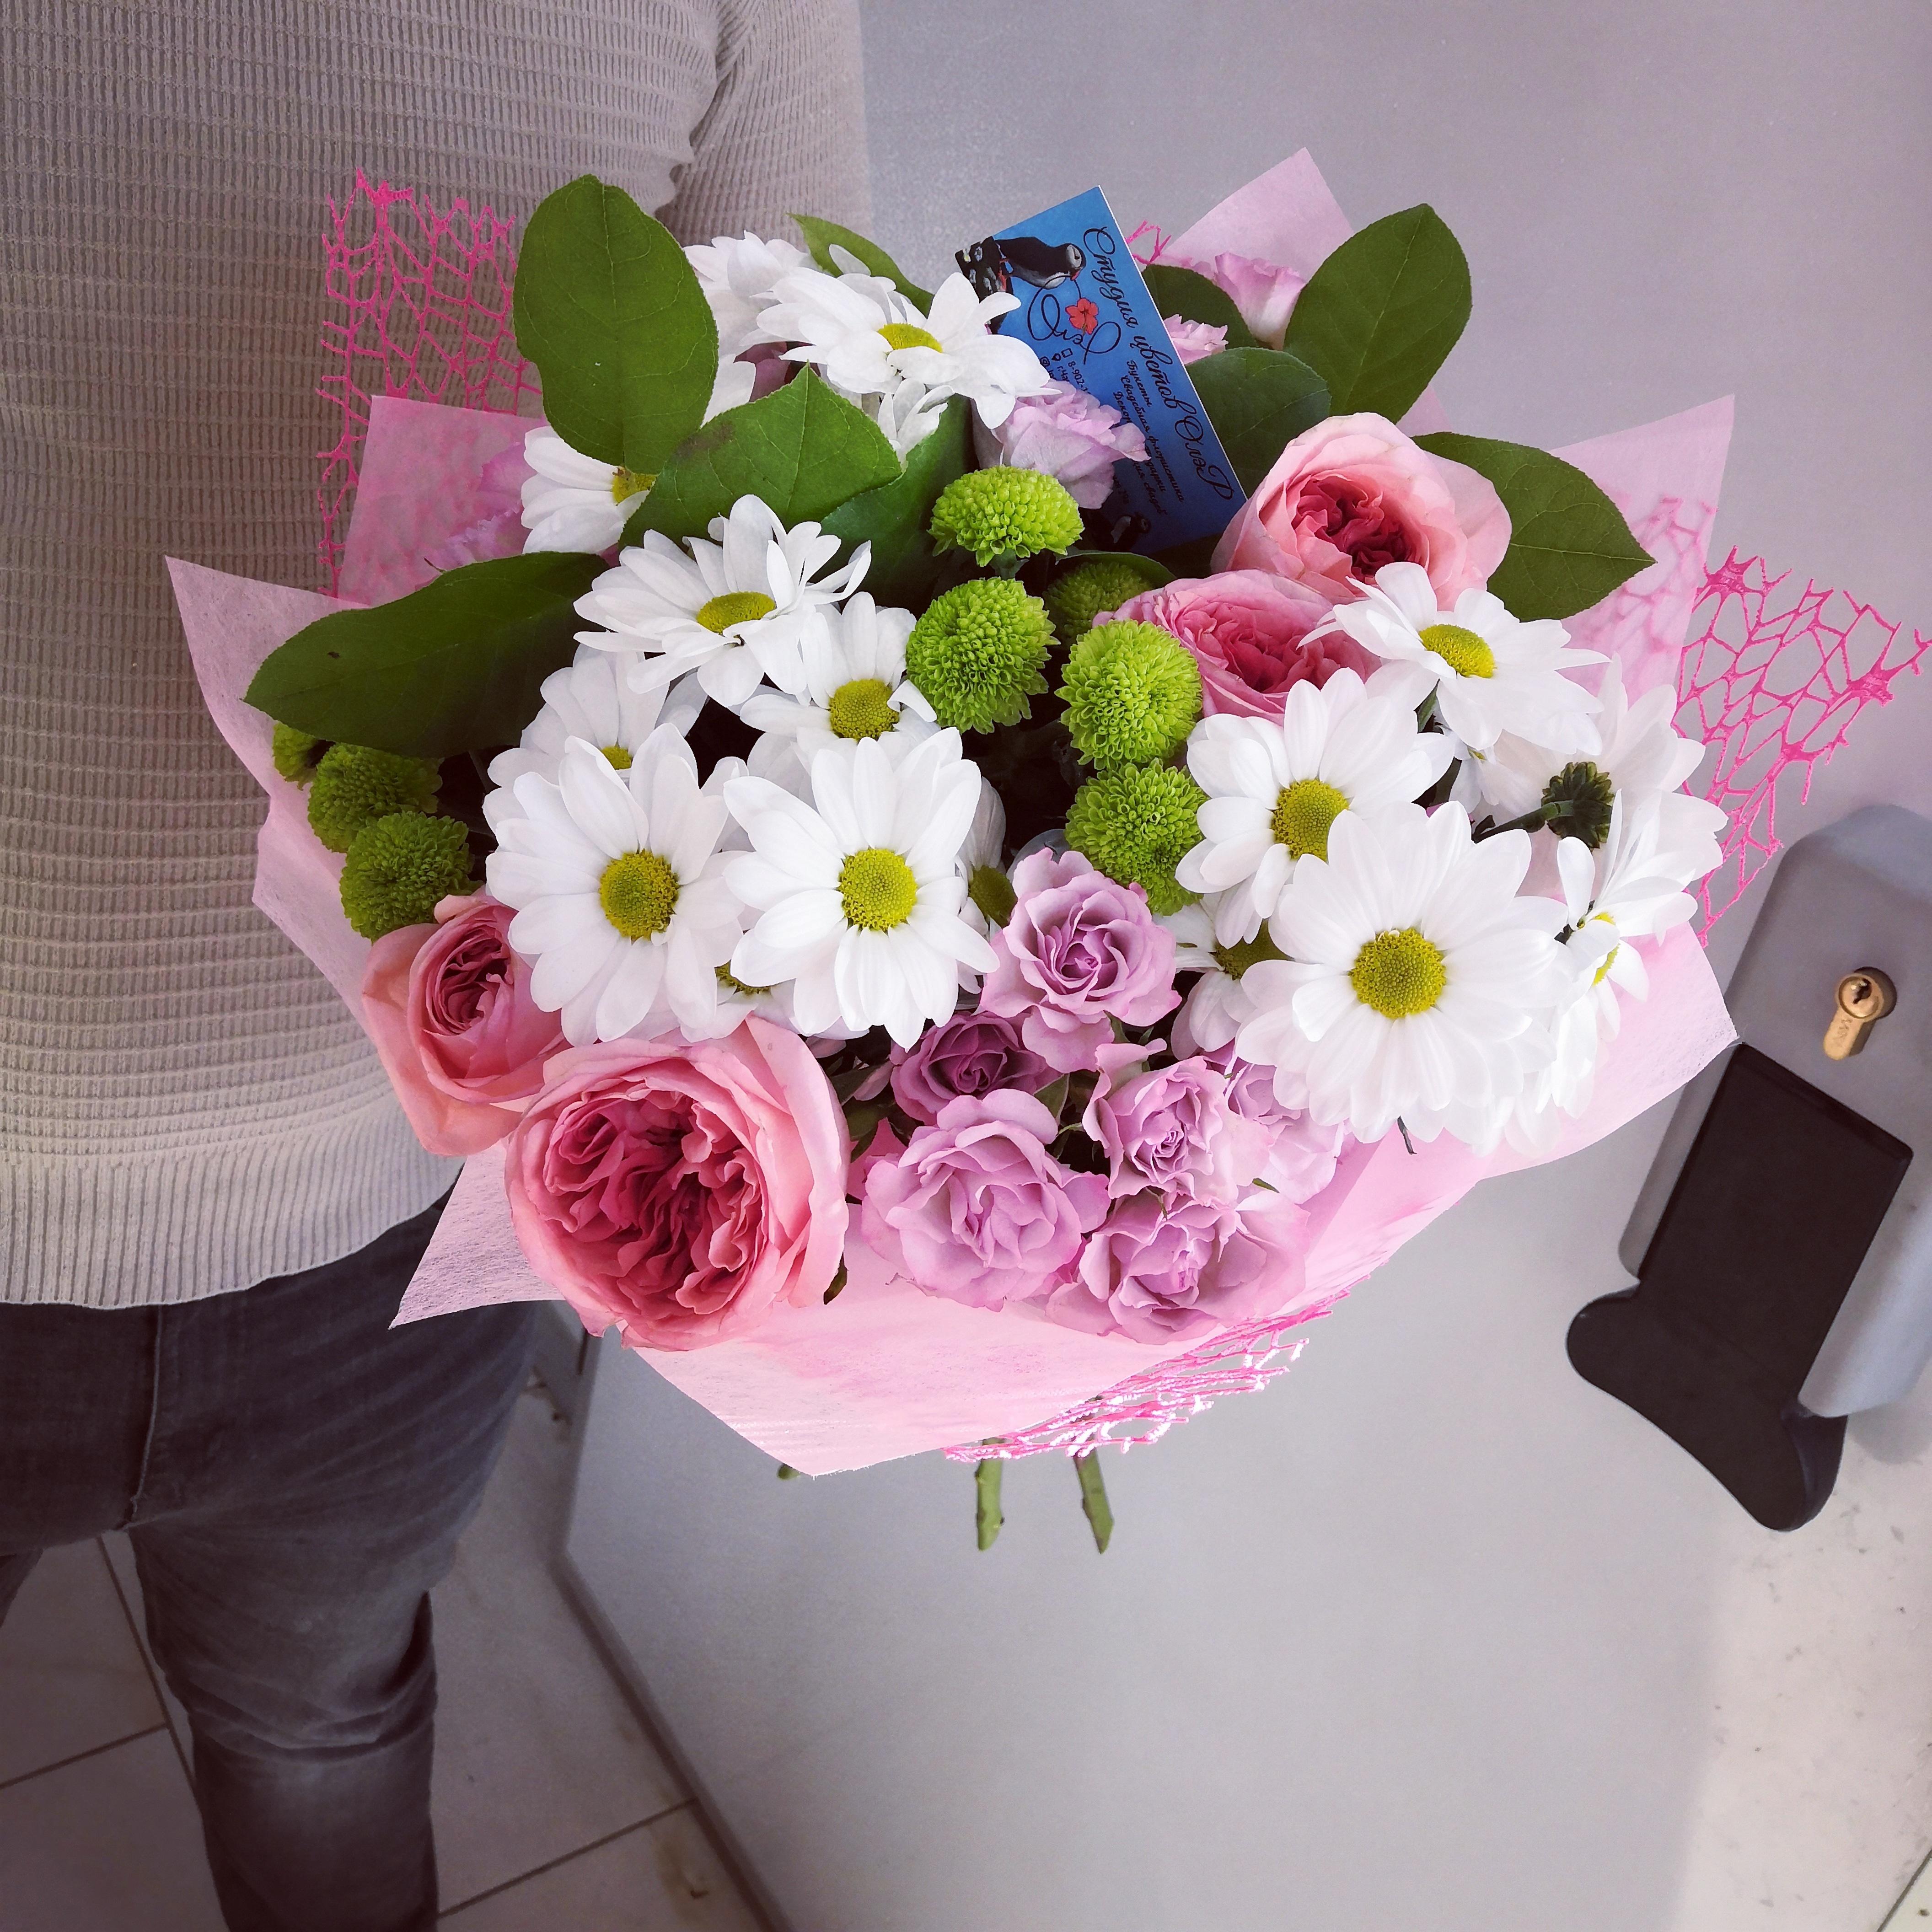 Доставка цветов самара отзывы, 111 роз